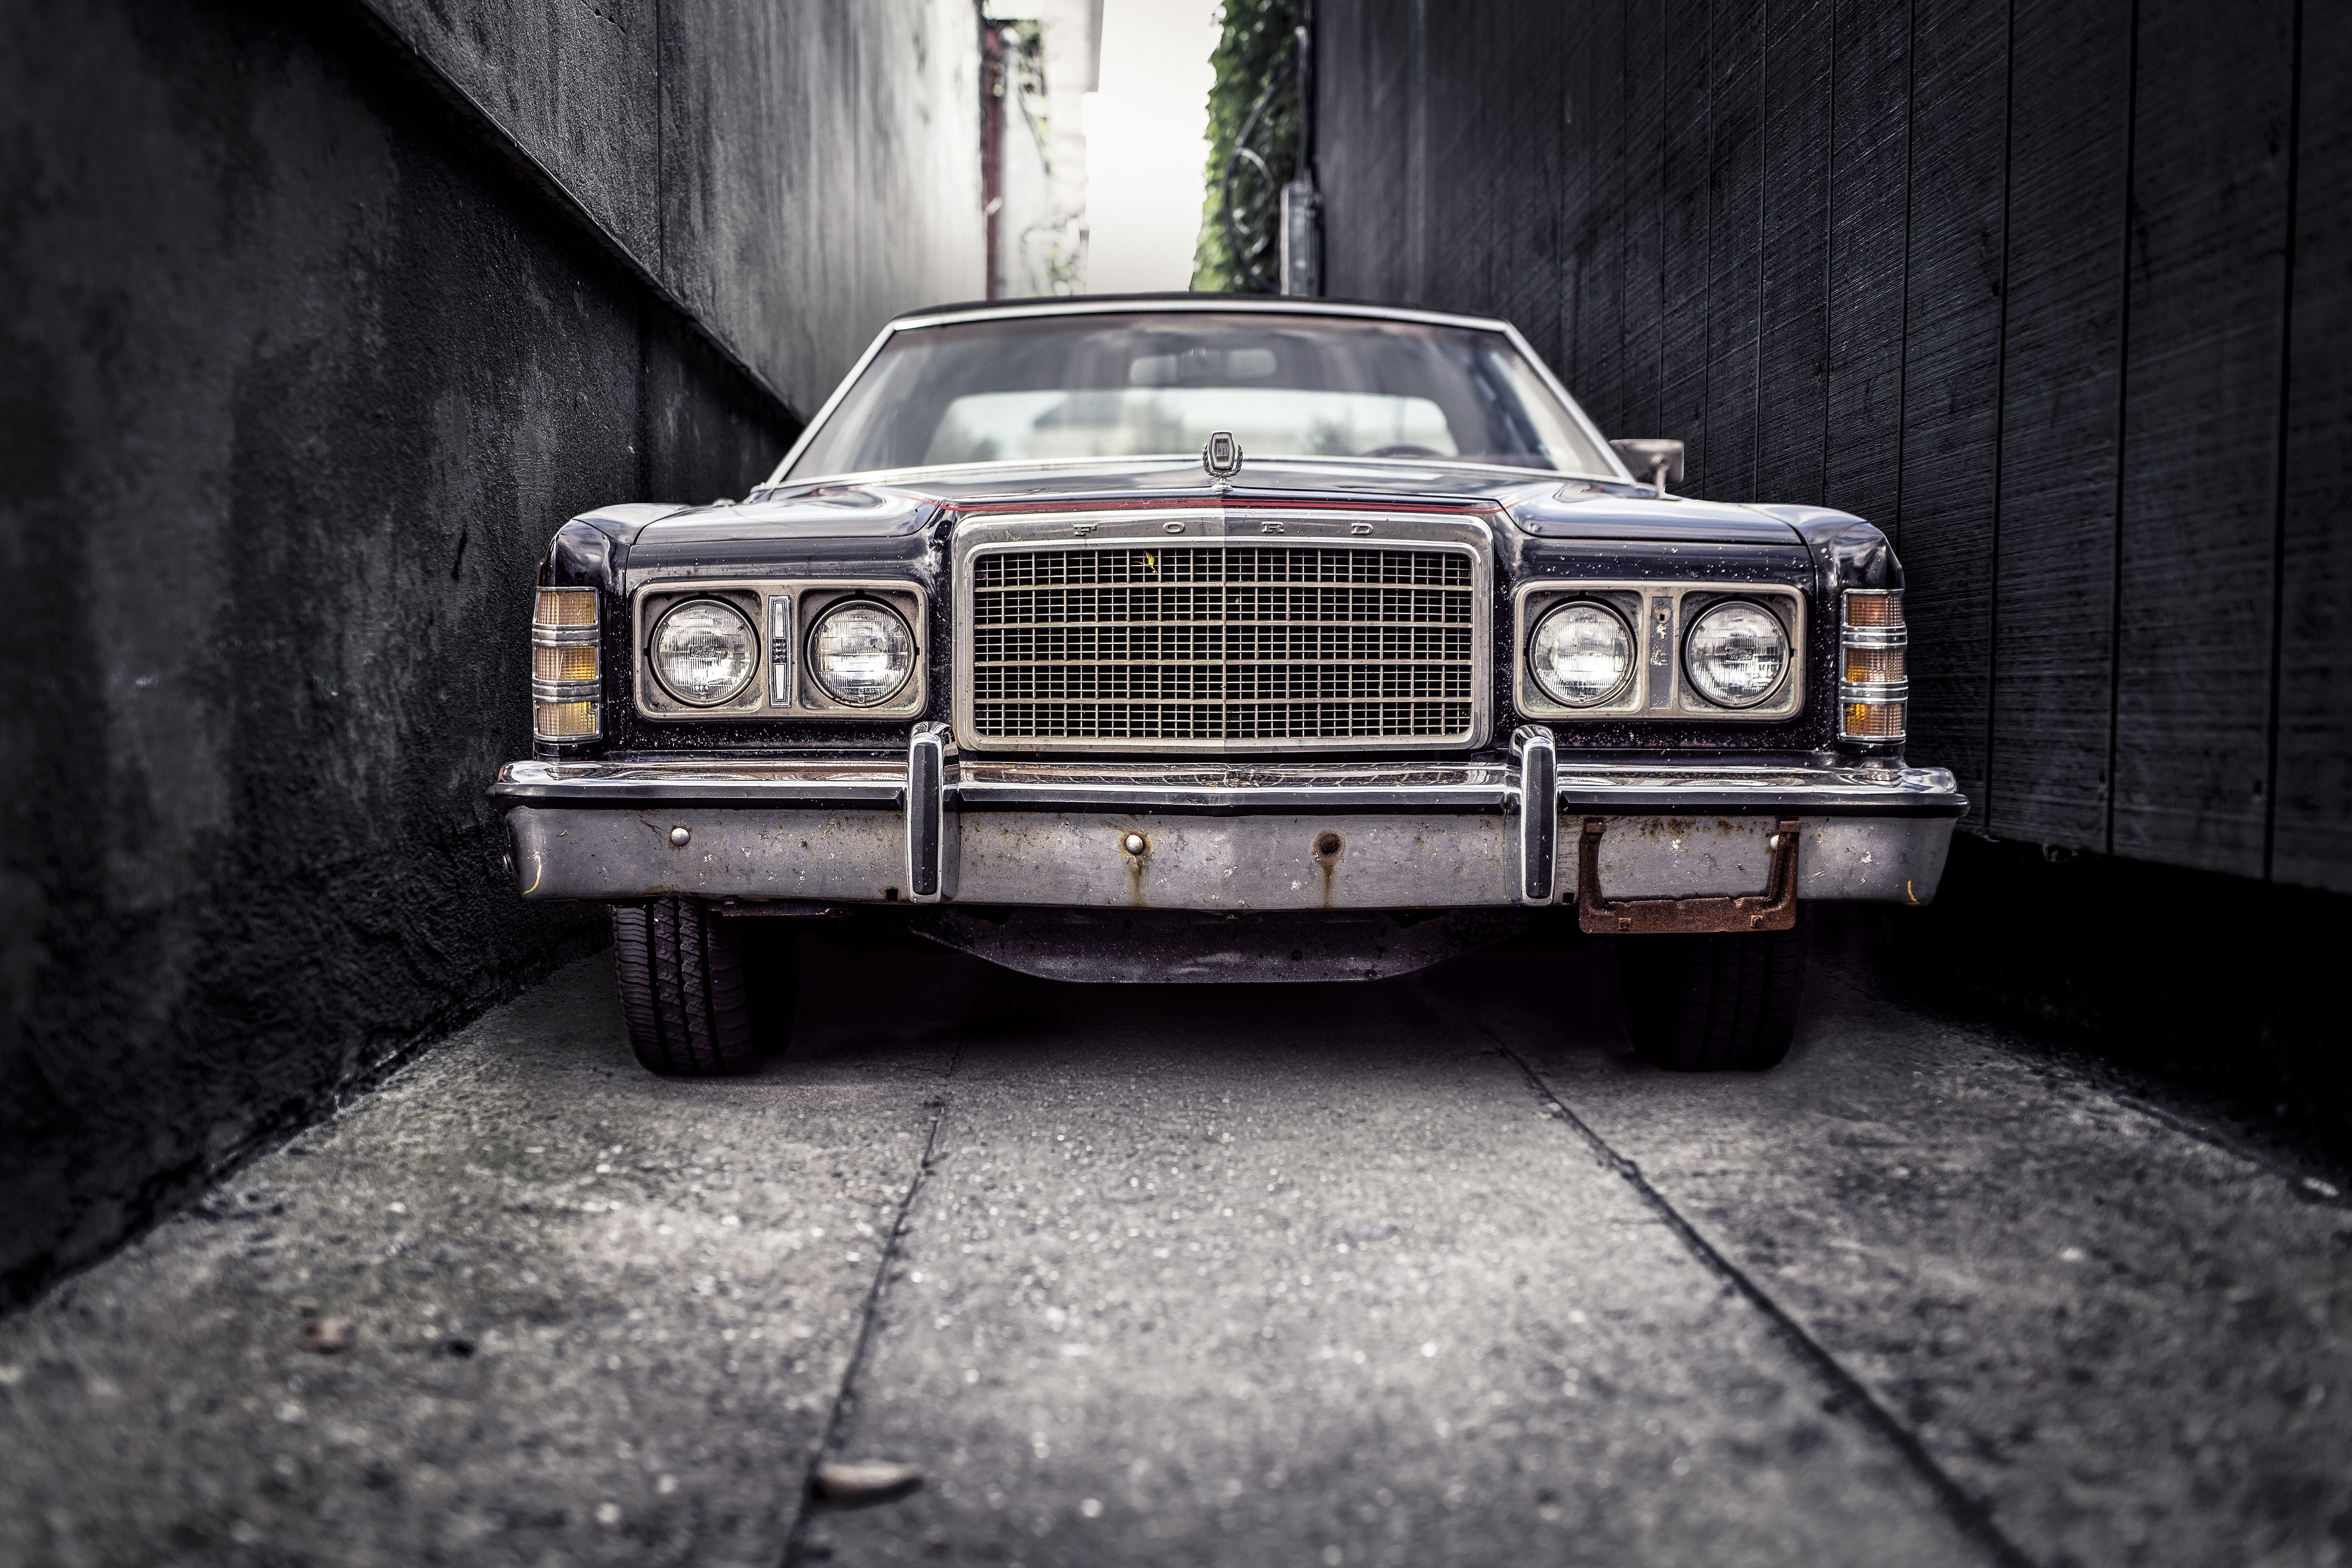 1000+ Amazing Classic Car Photos